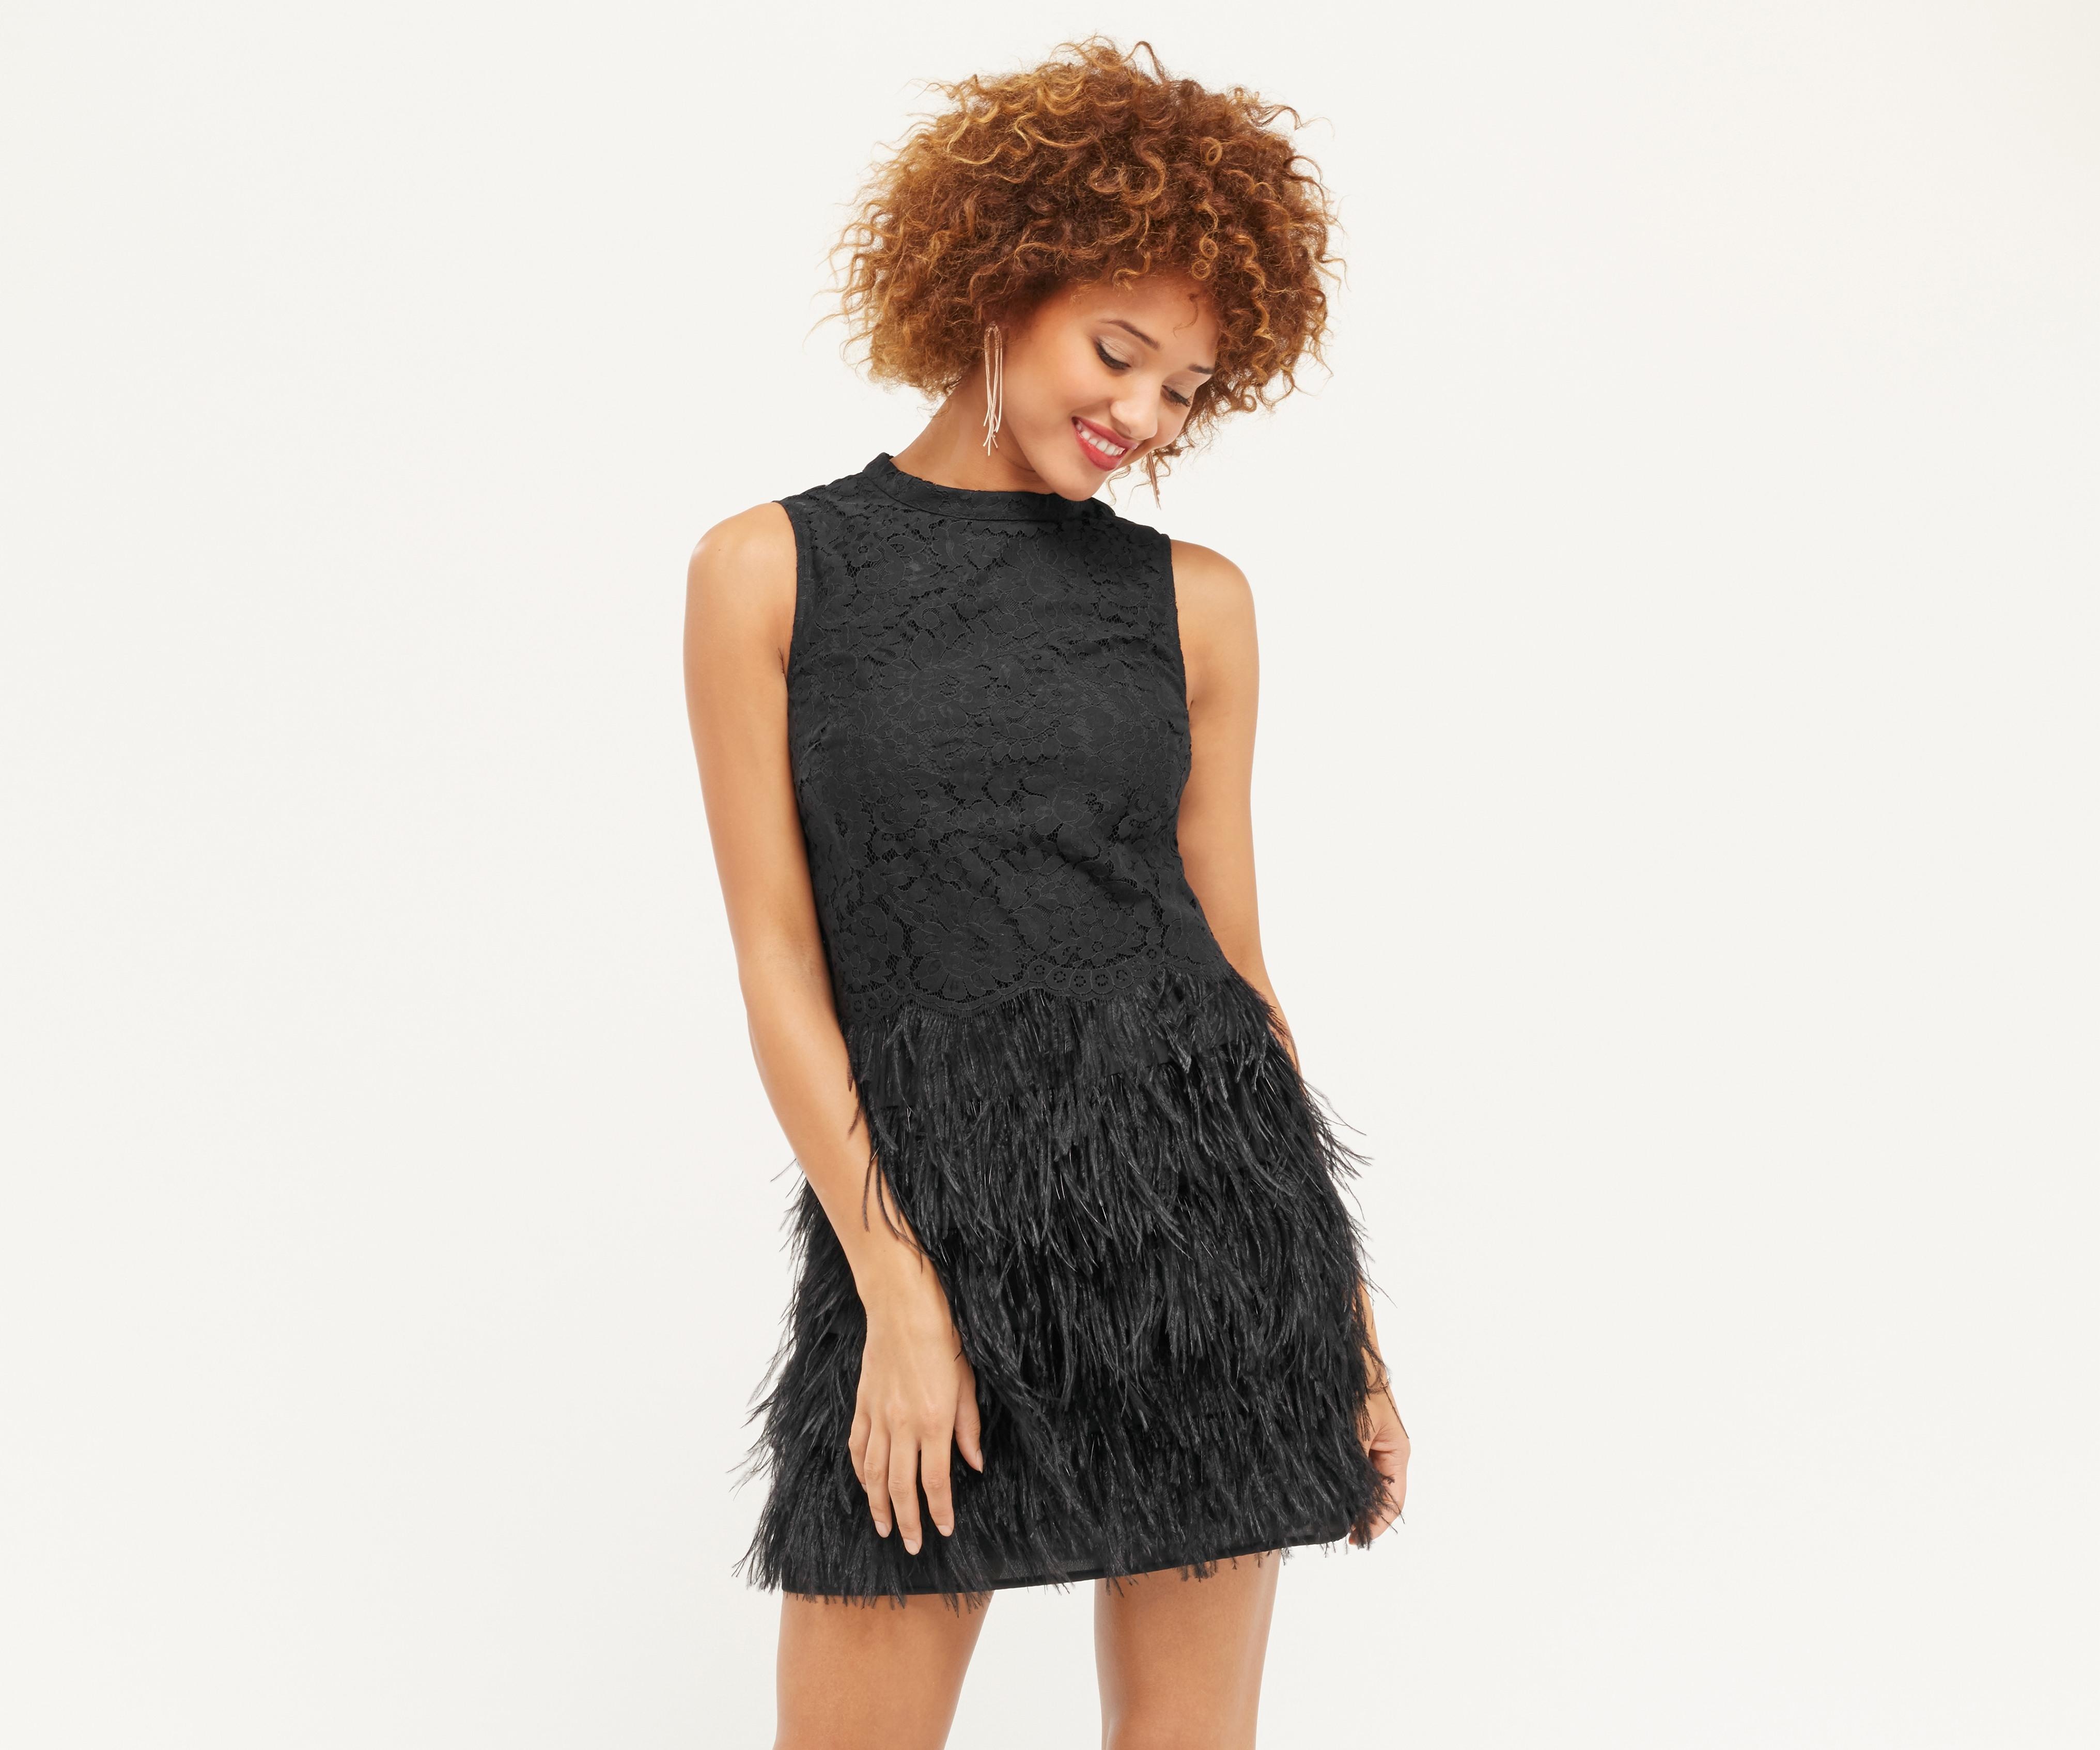 Abend Schön Kleid Mit Federn Spezialgebiet10 Einfach Kleid Mit Federn Spezialgebiet